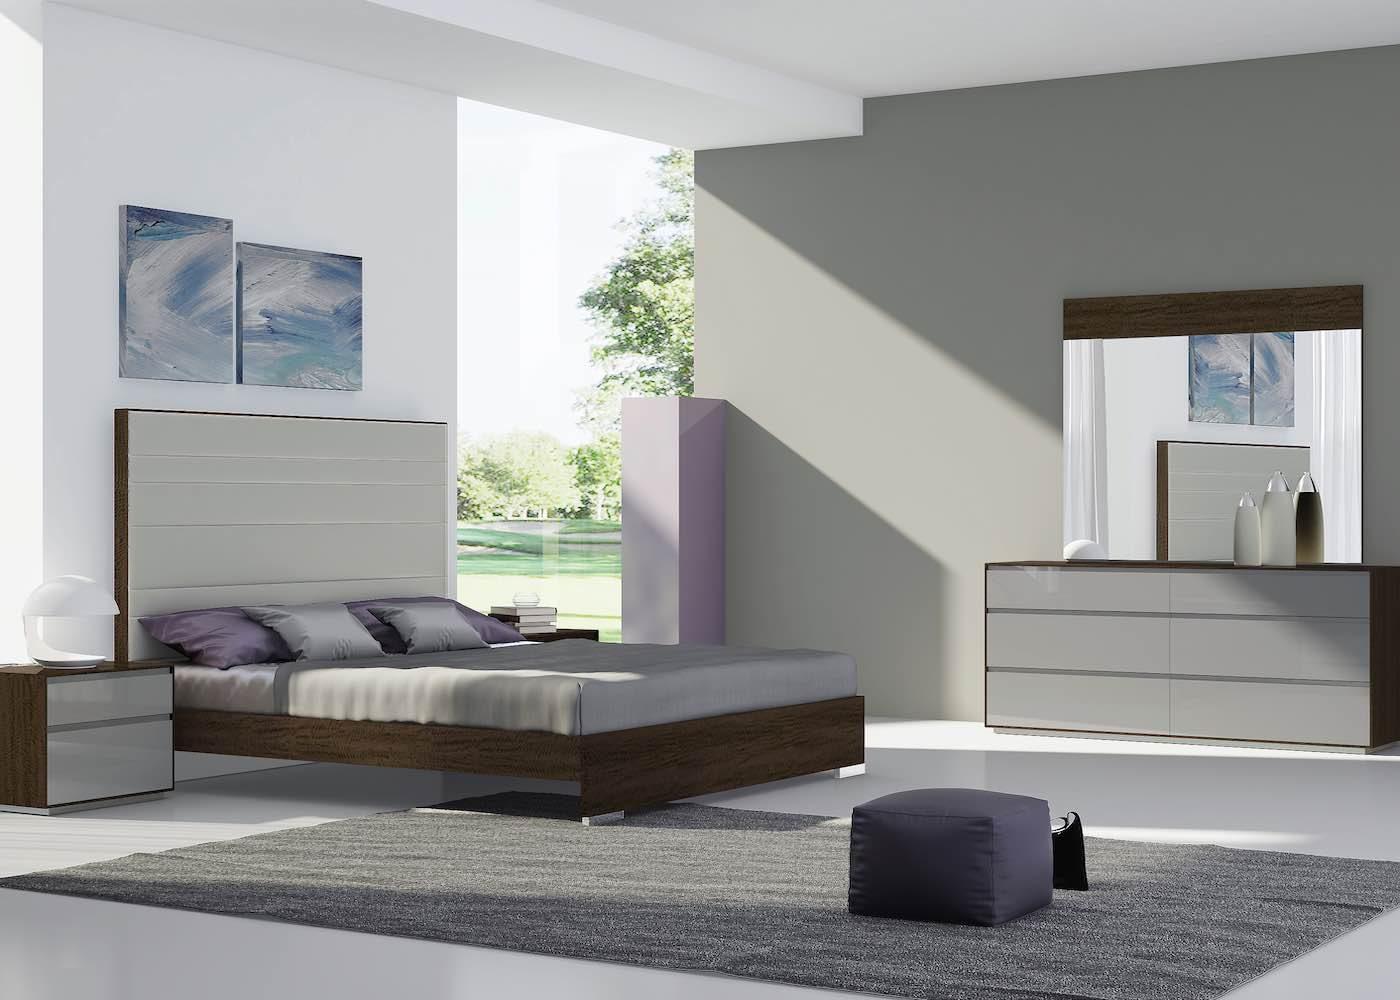 mazarin-ameublement-catalogue-produits-chambre-a-coucher-6